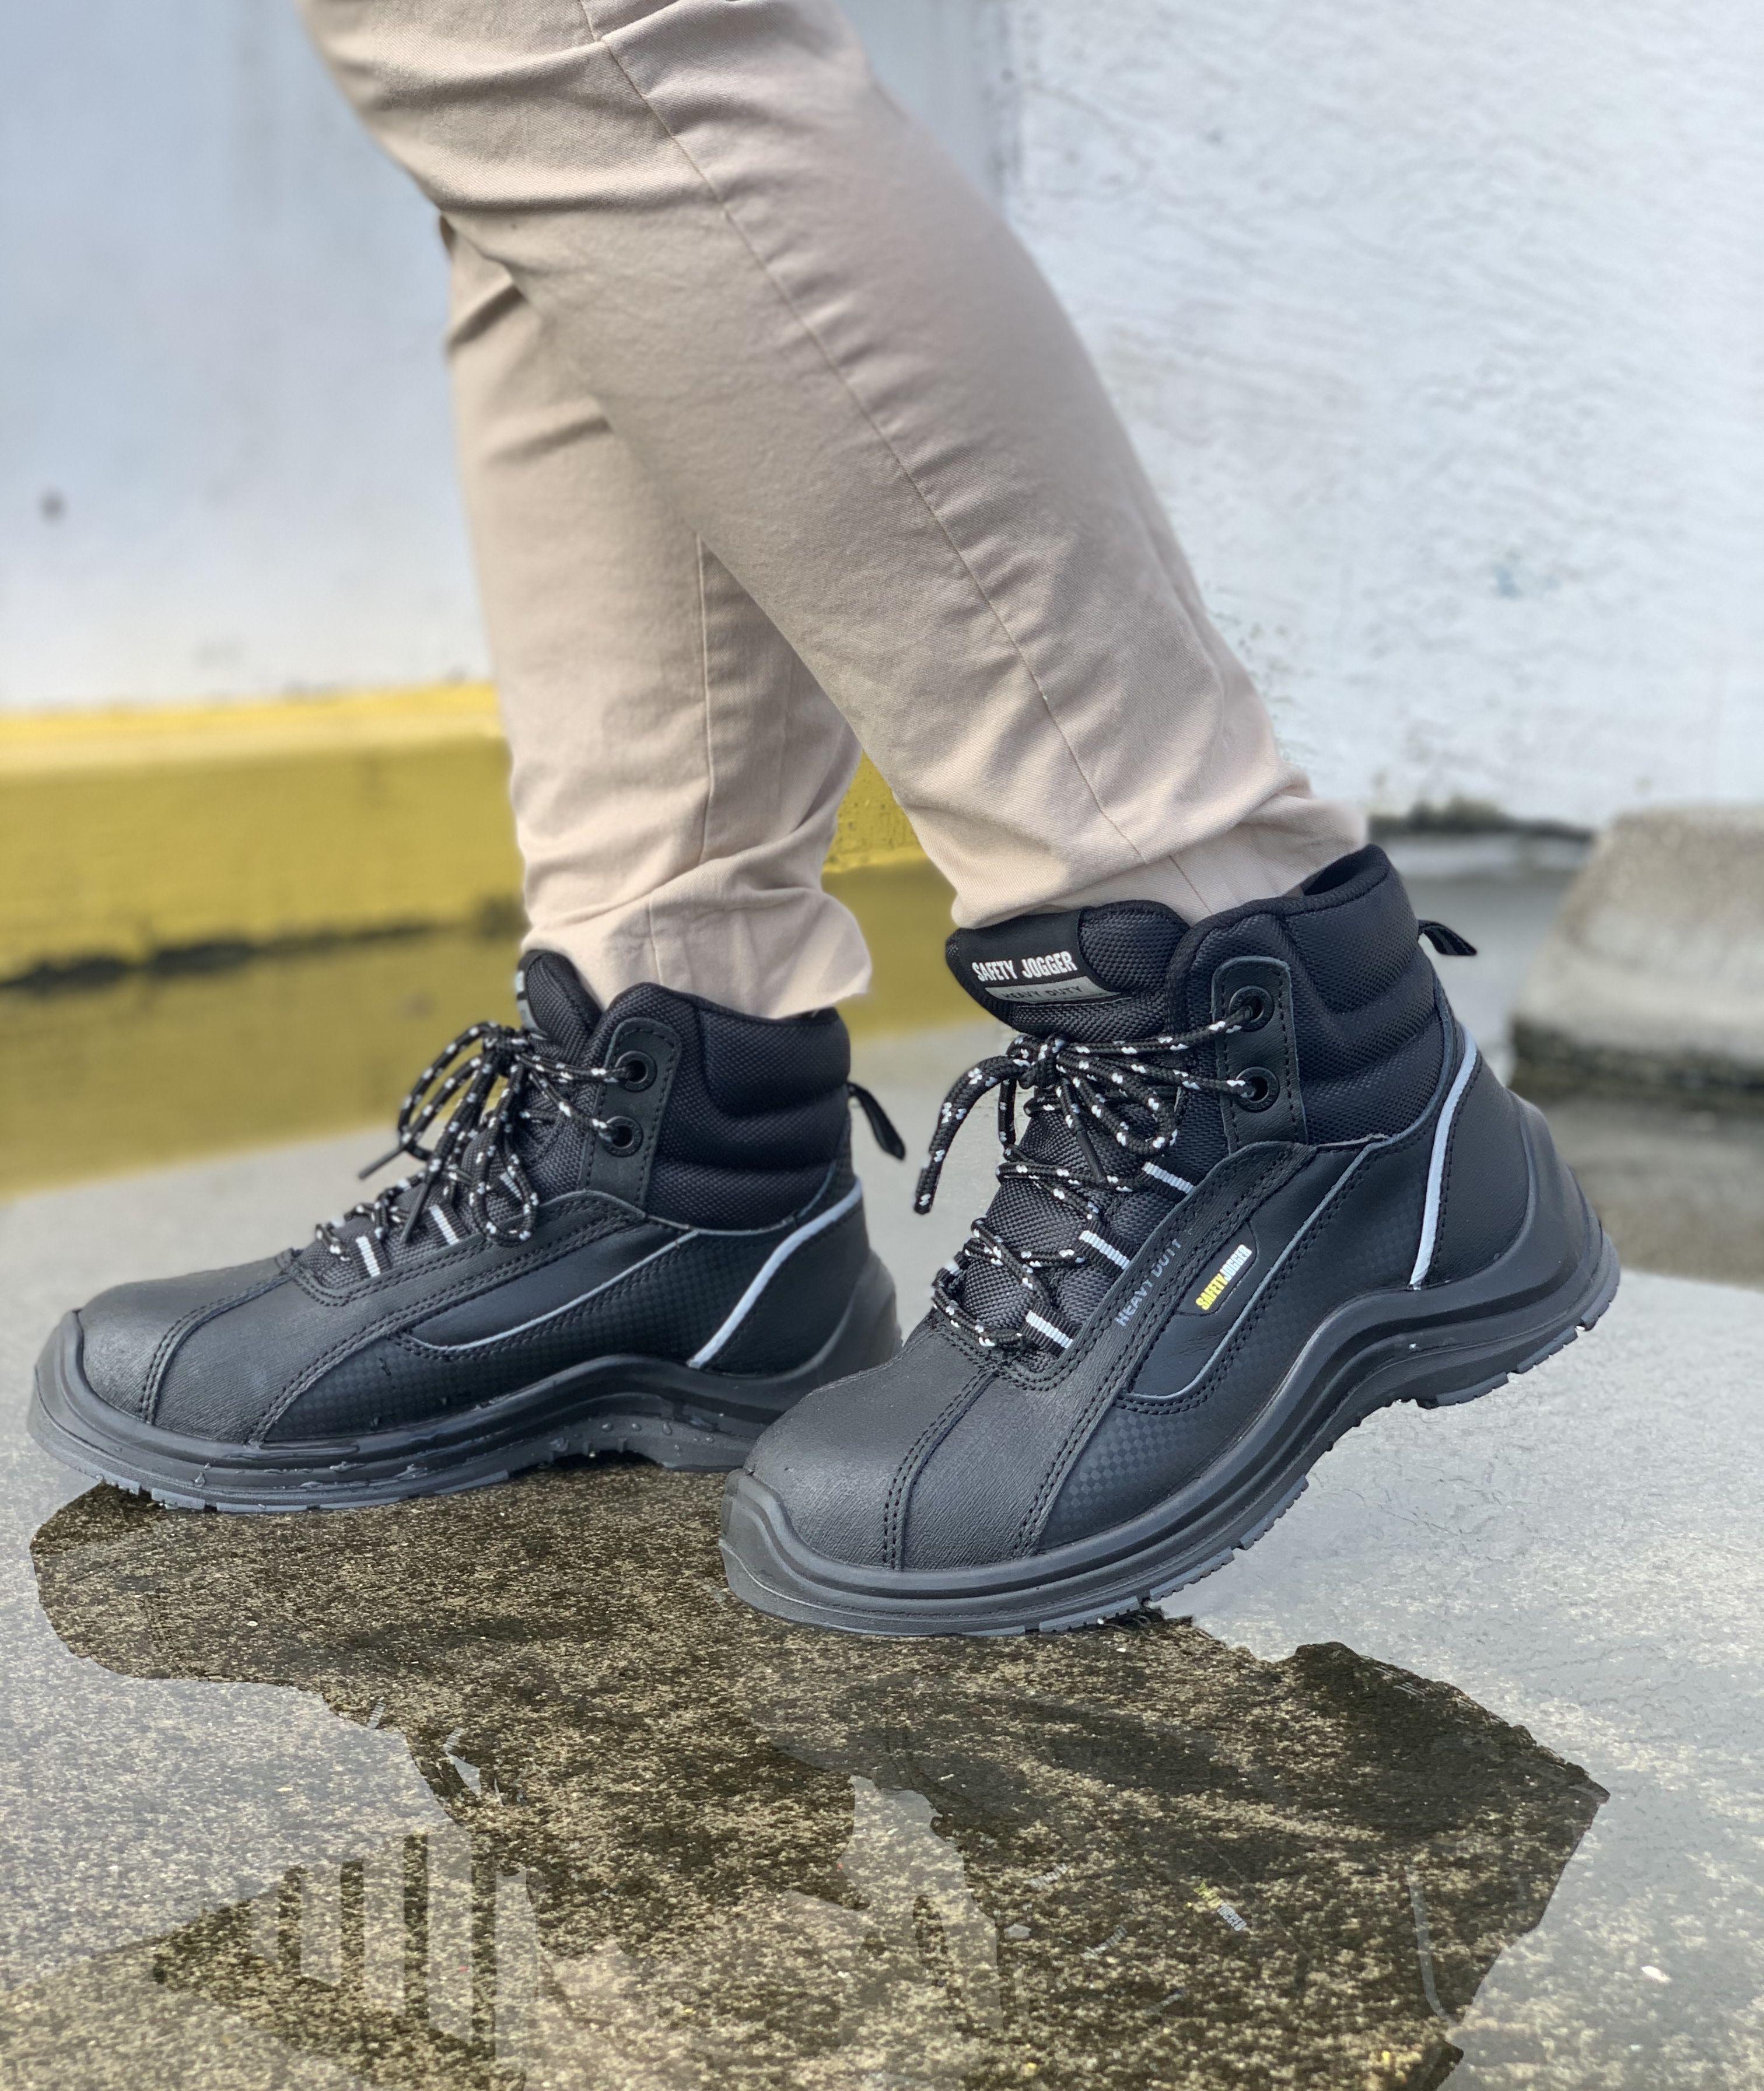 Elevate 81 - Steel Toe / Black | Boots